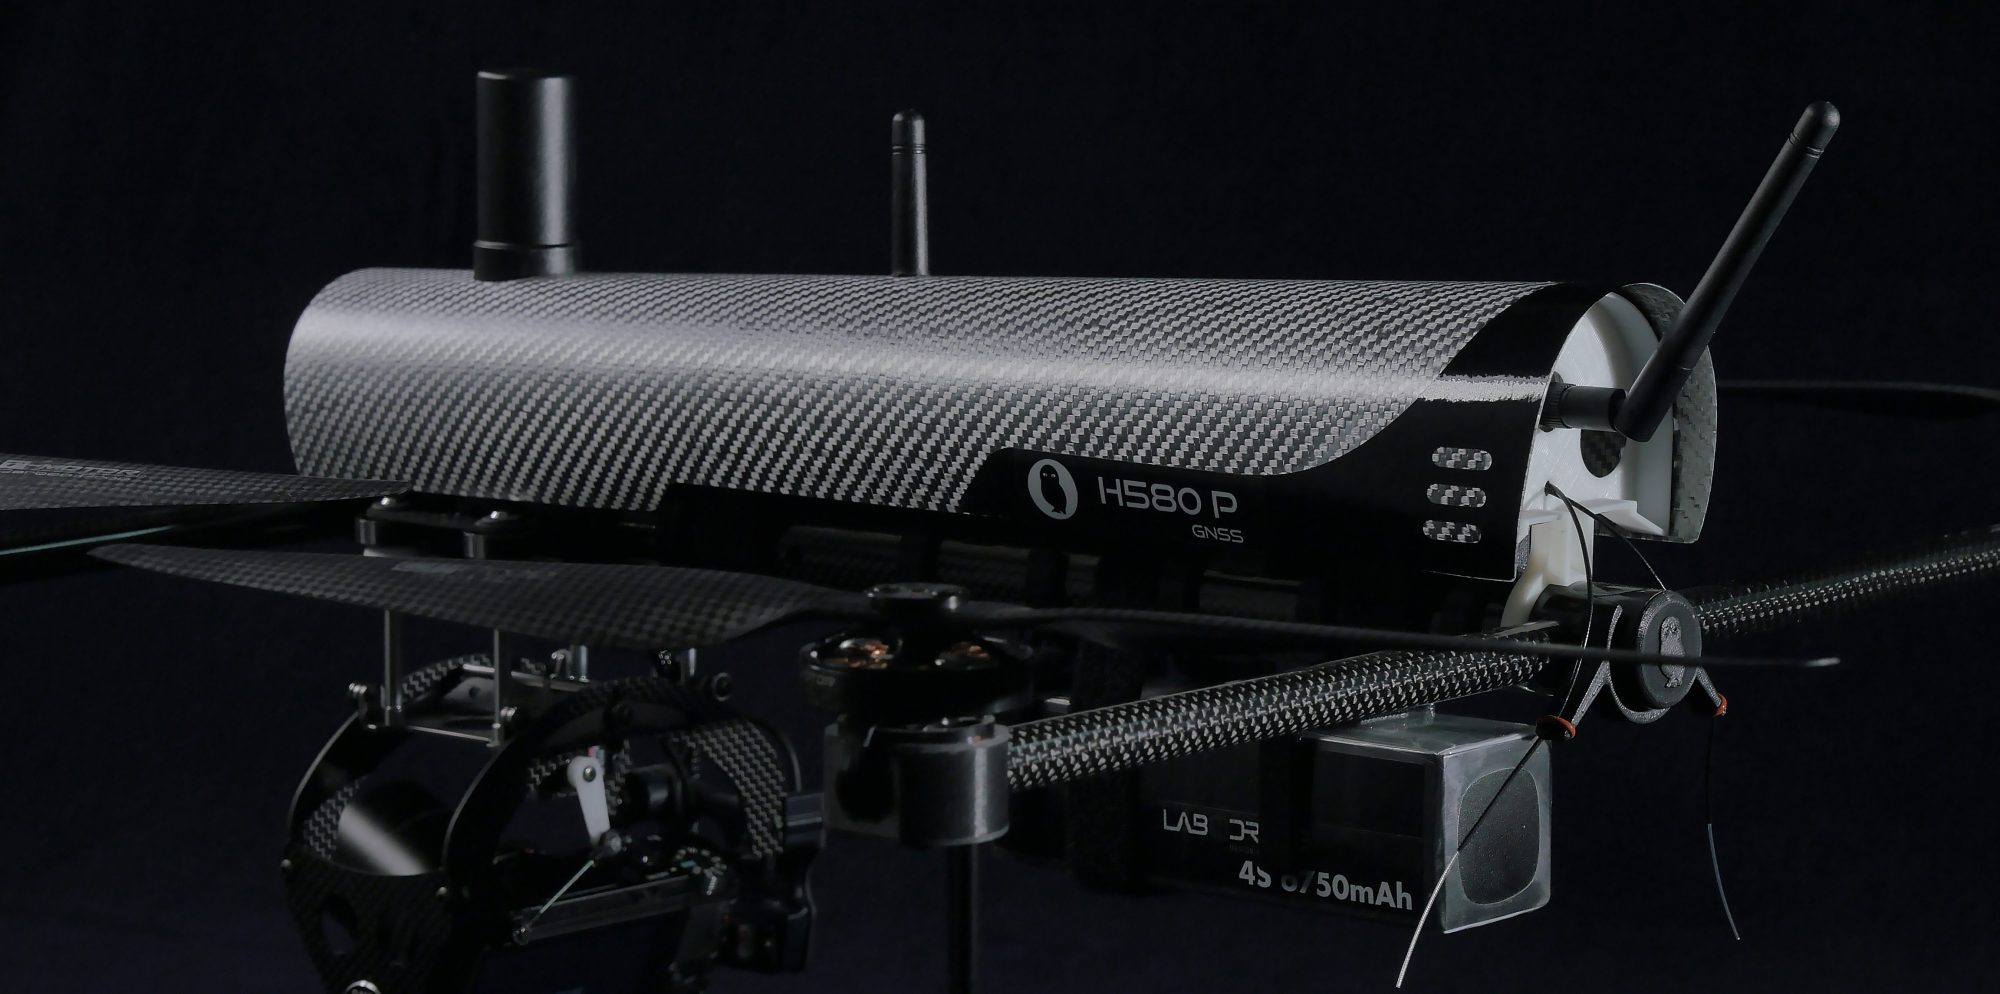 Modèle H580